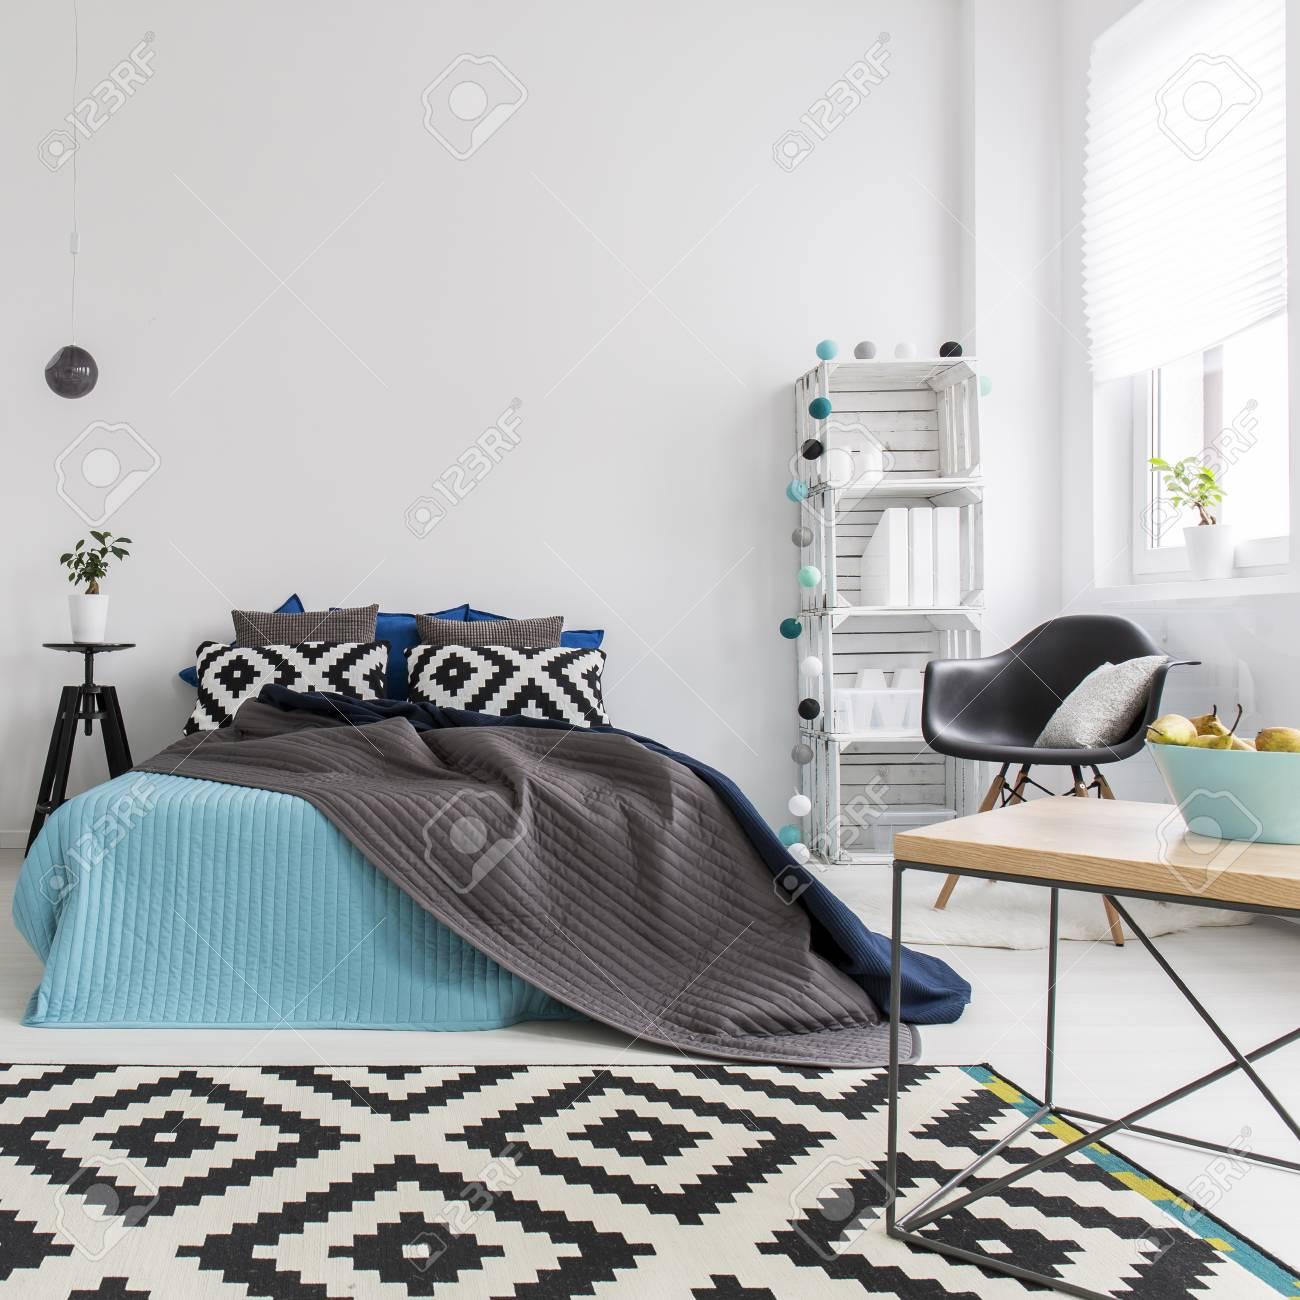 Full Size of Schwarzweiss Teppich Im Gemtlichen Schlafzimmer Mit Bett Luxus Schränke Wandlampe Günstige Wandleuchte Eckschrank Komplettes Lampe Weißes Wiemann Wandtattoo Schlafzimmer Teppich Schlafzimmer